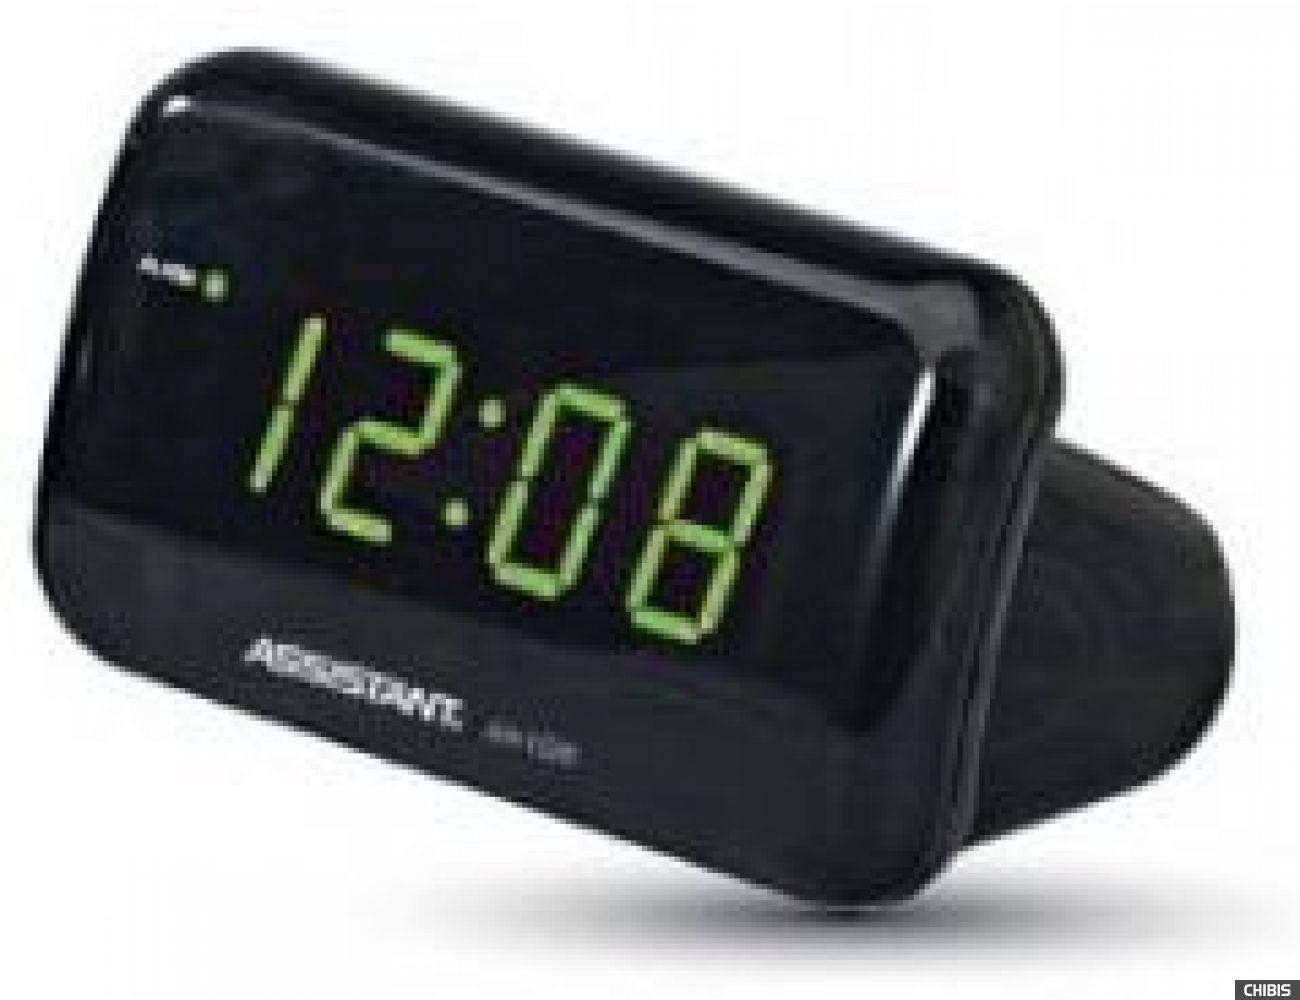 Настольные часы Assistant АН-1026 green